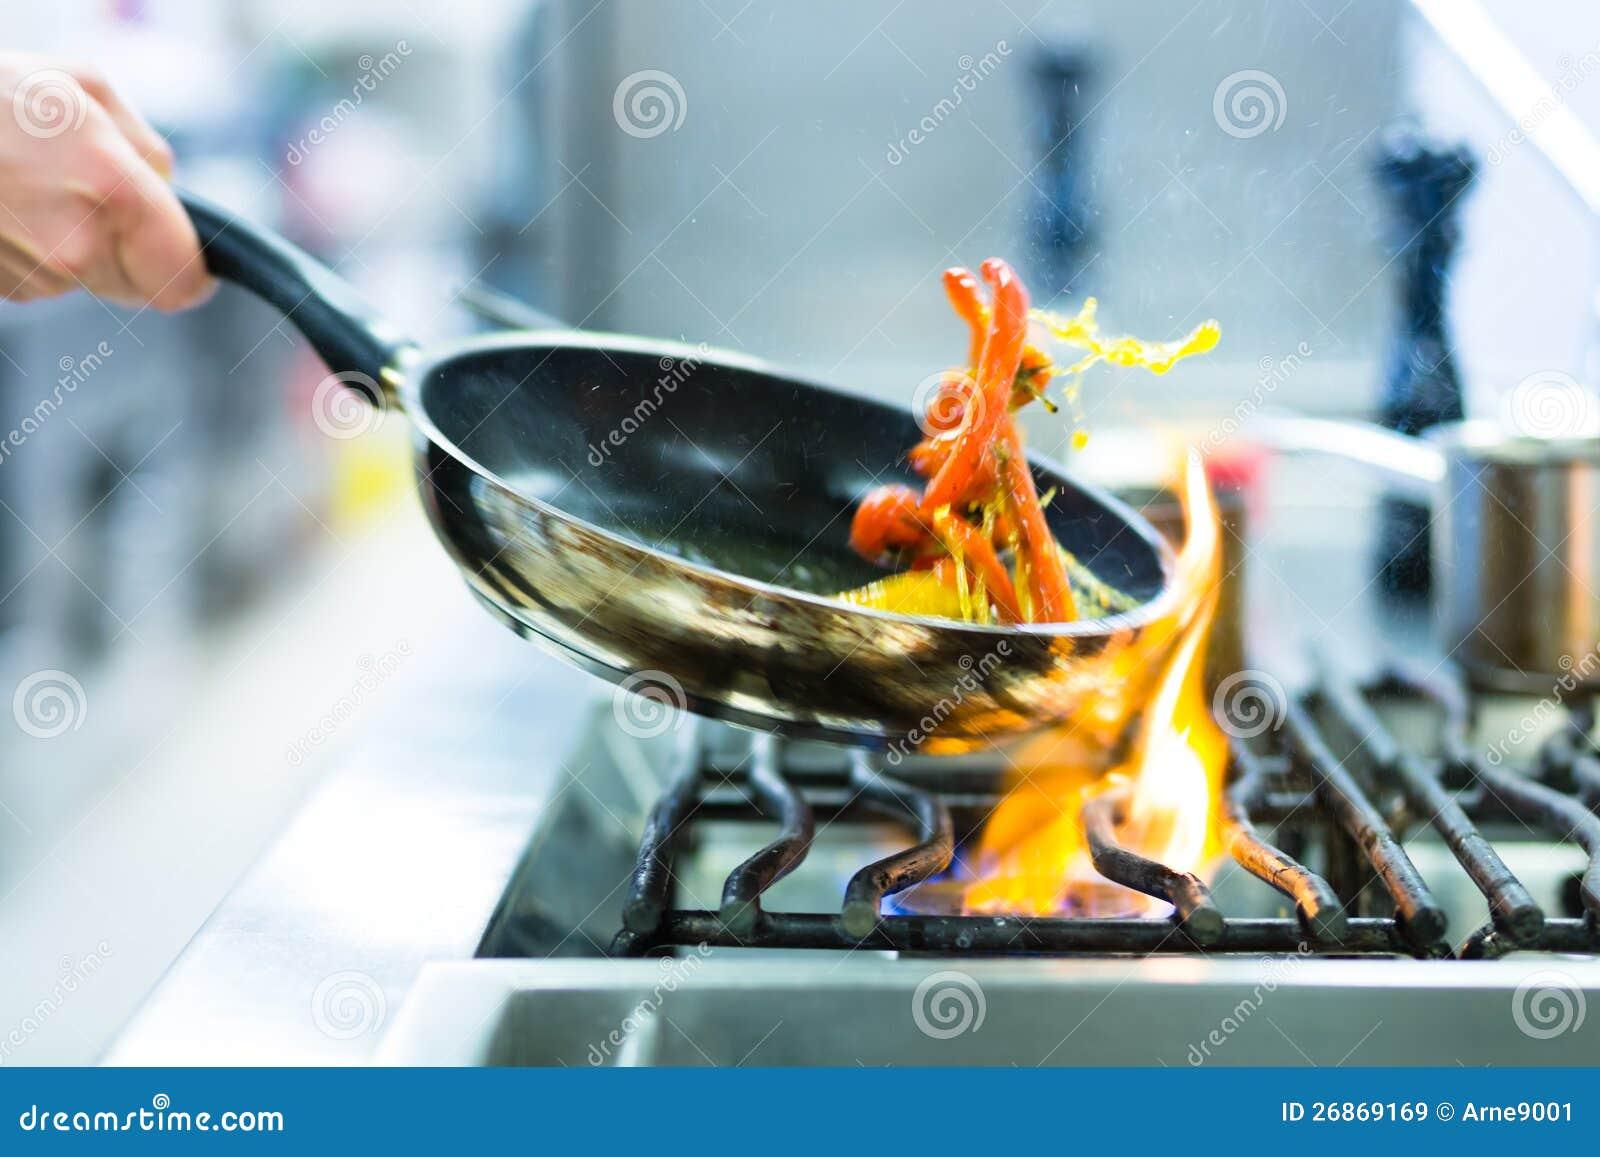 Cozinheiro chefe na cozinha do restaurante no fogão com bandeja